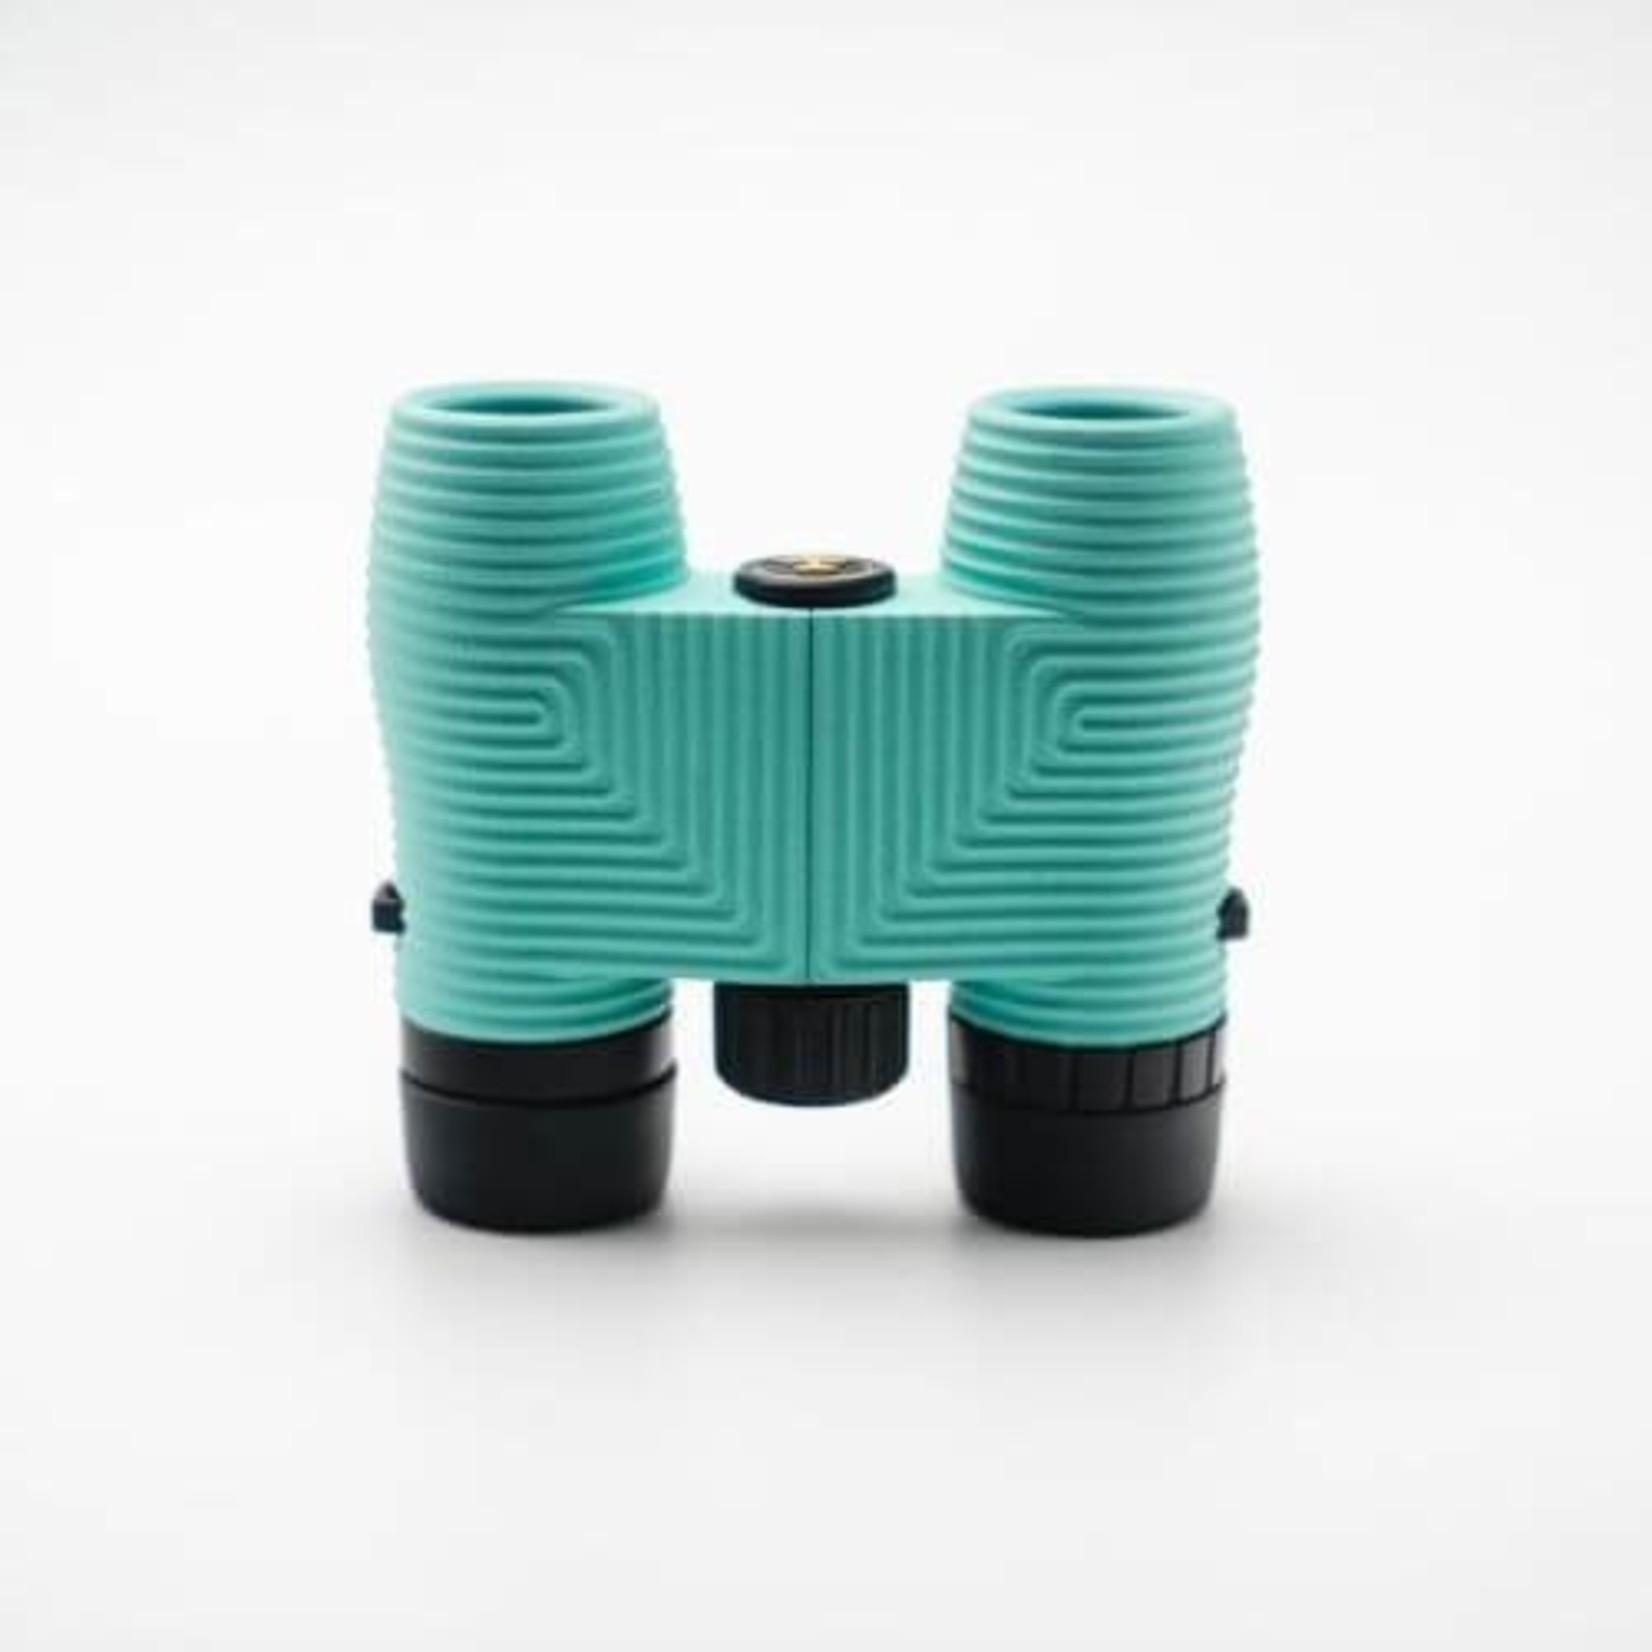 Nocs Provisions Nocs Binoculars